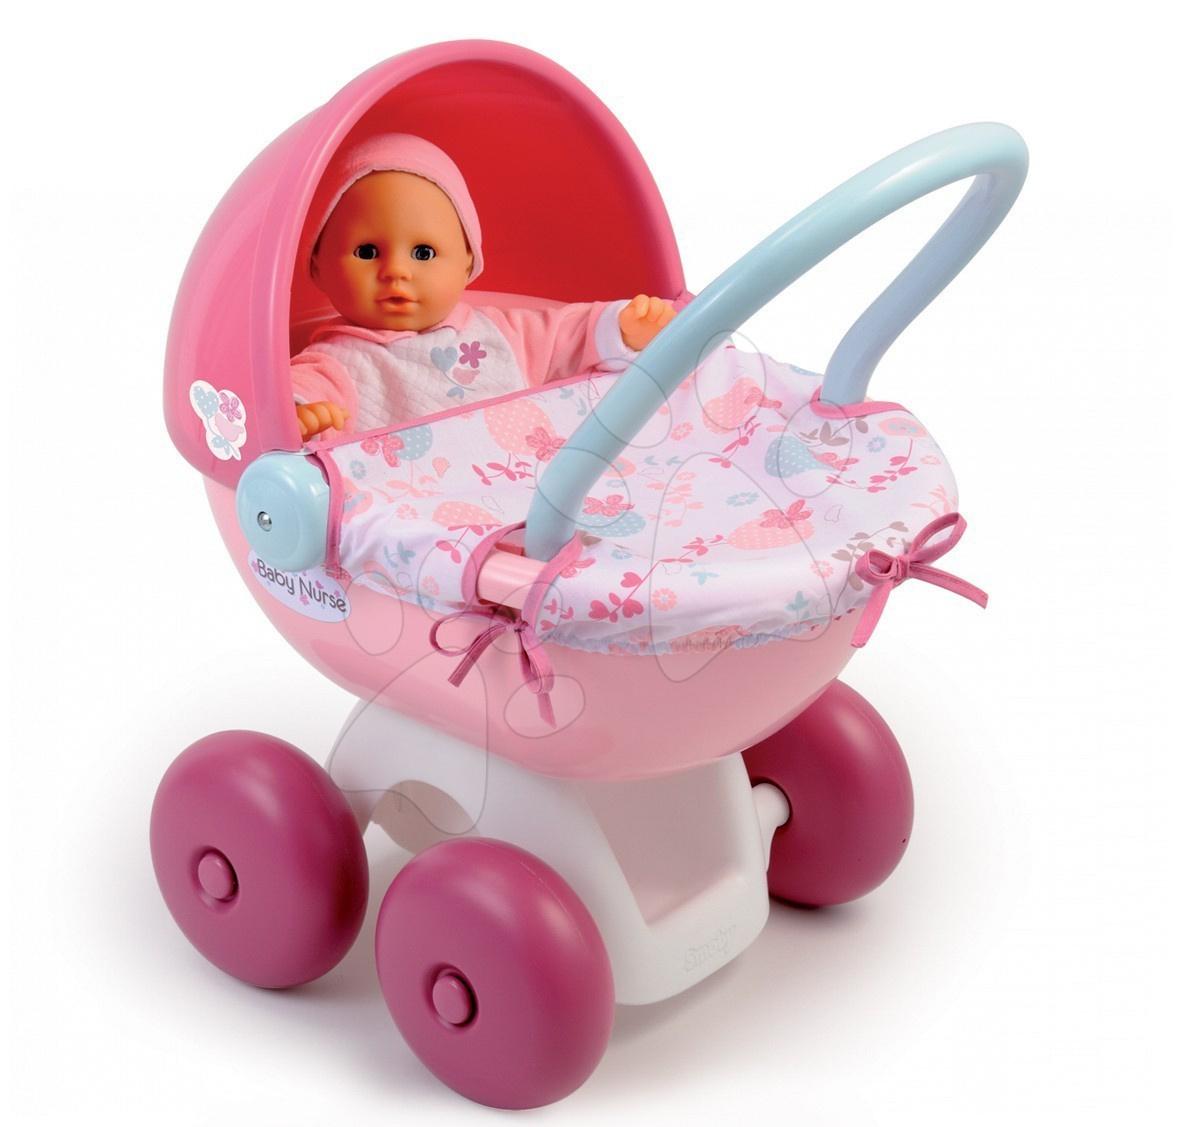 Kočík pre bábiku Baby Nurse Smoby hlboký oválny (55 cm rúčka) od 18 mes